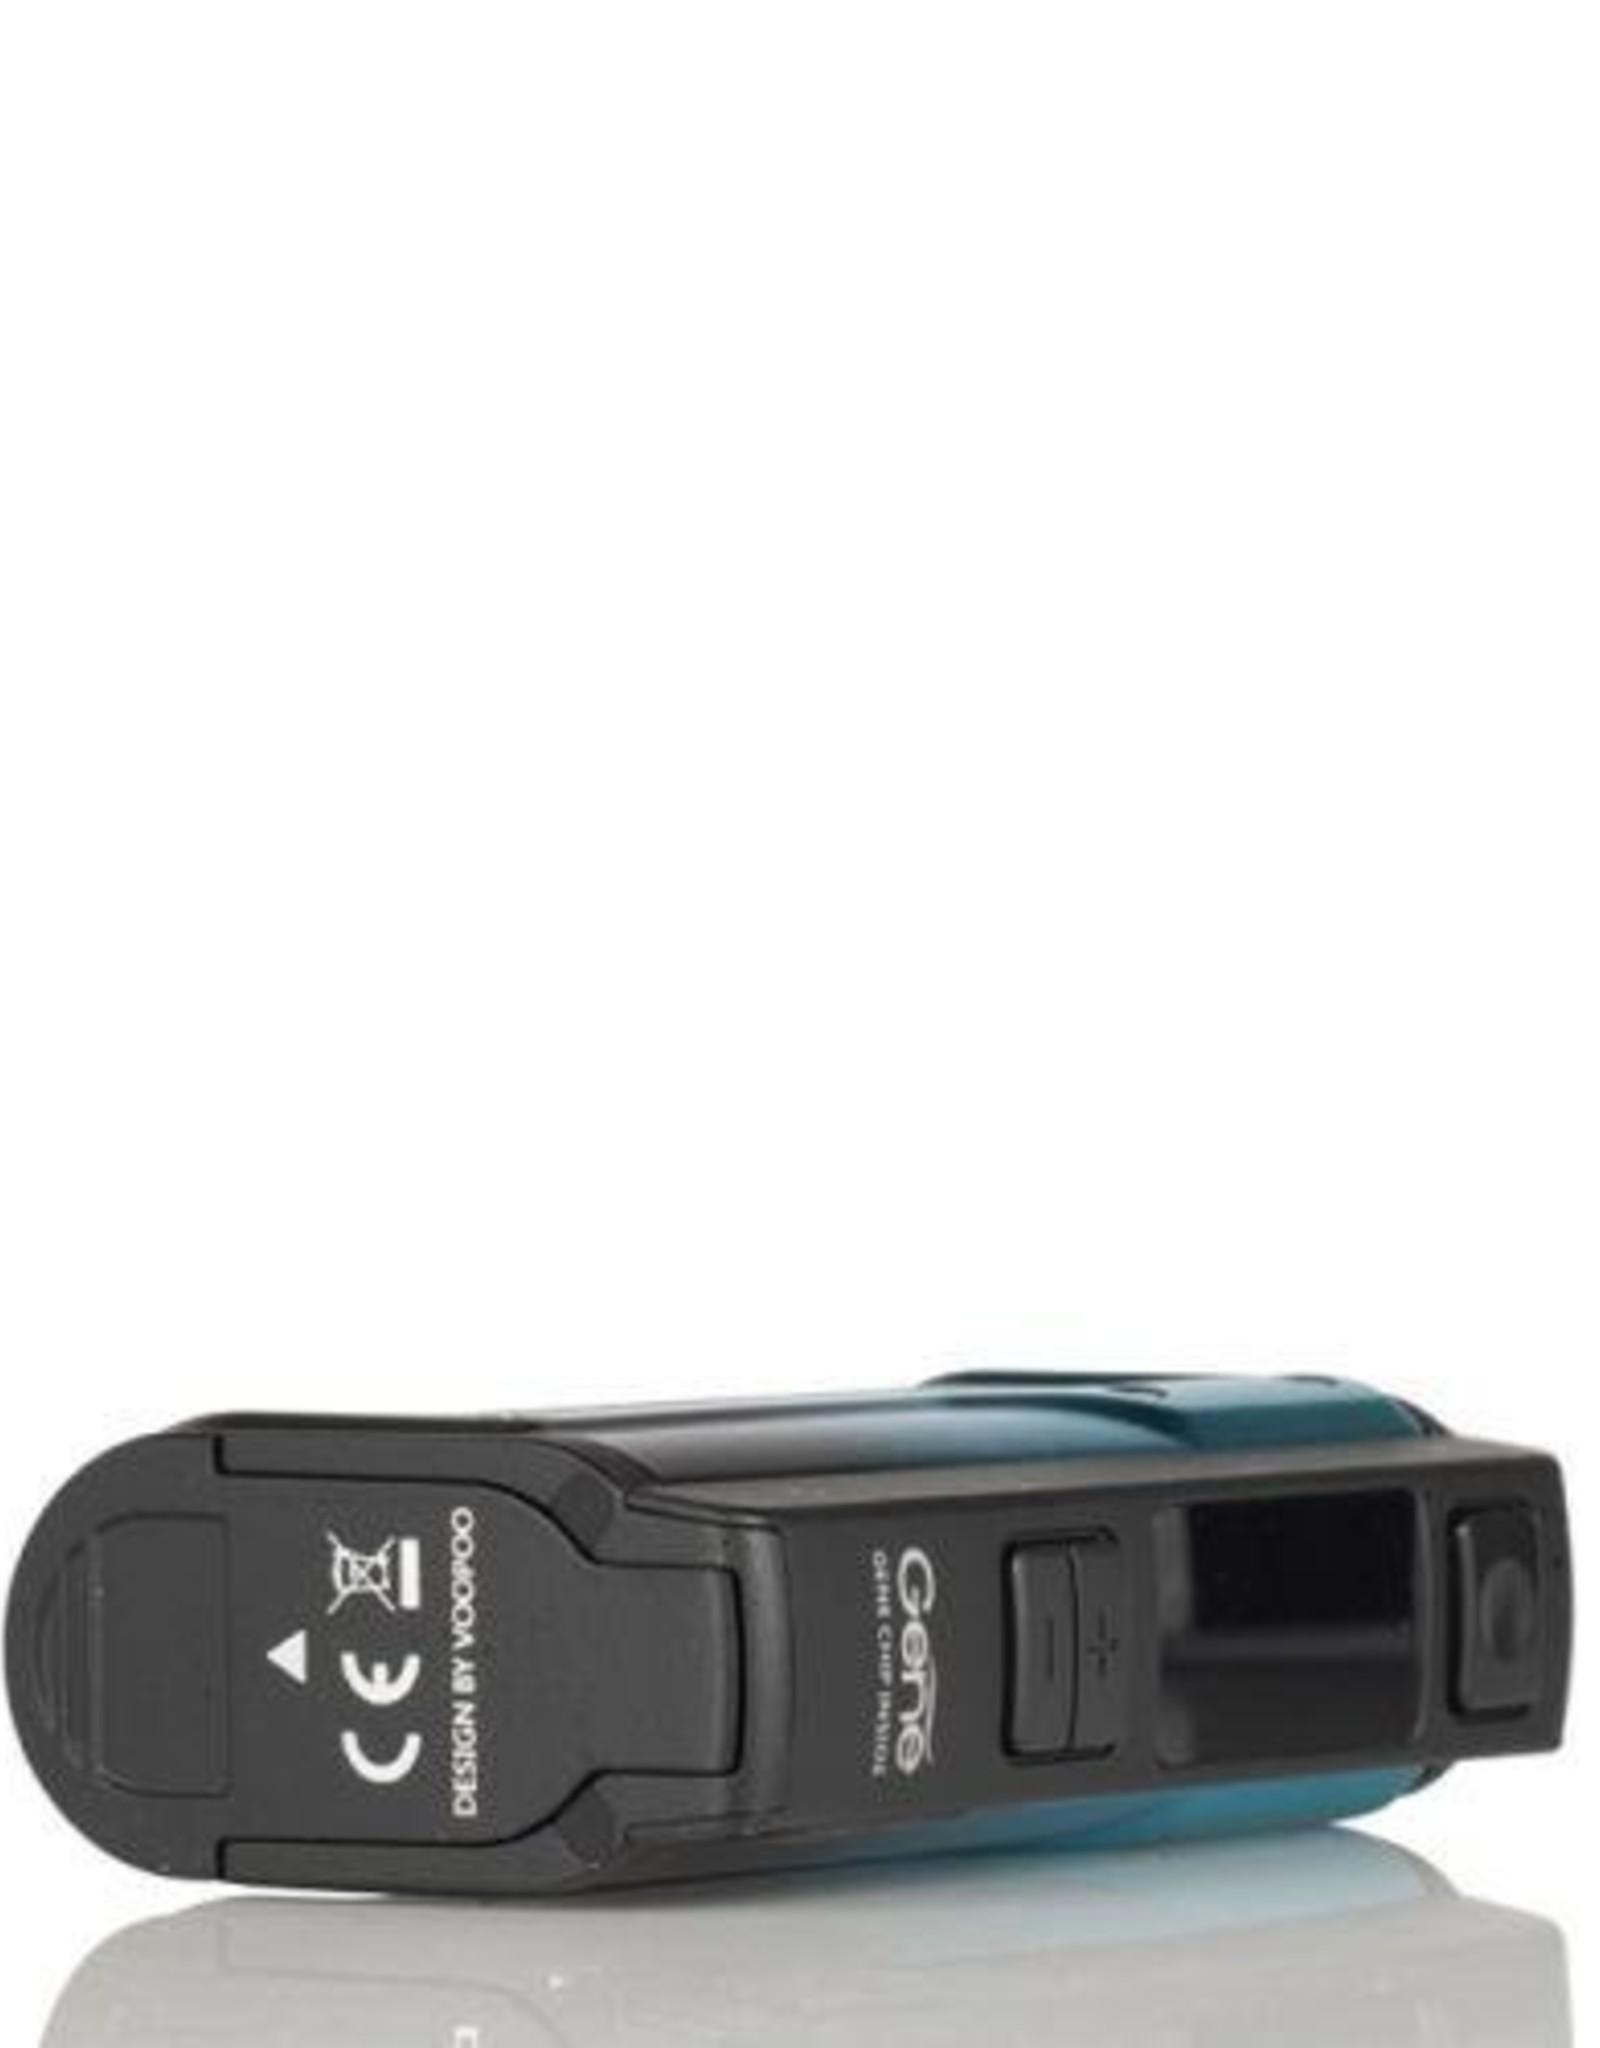 VoopooKit Voopoo Argus GT Starter Kit